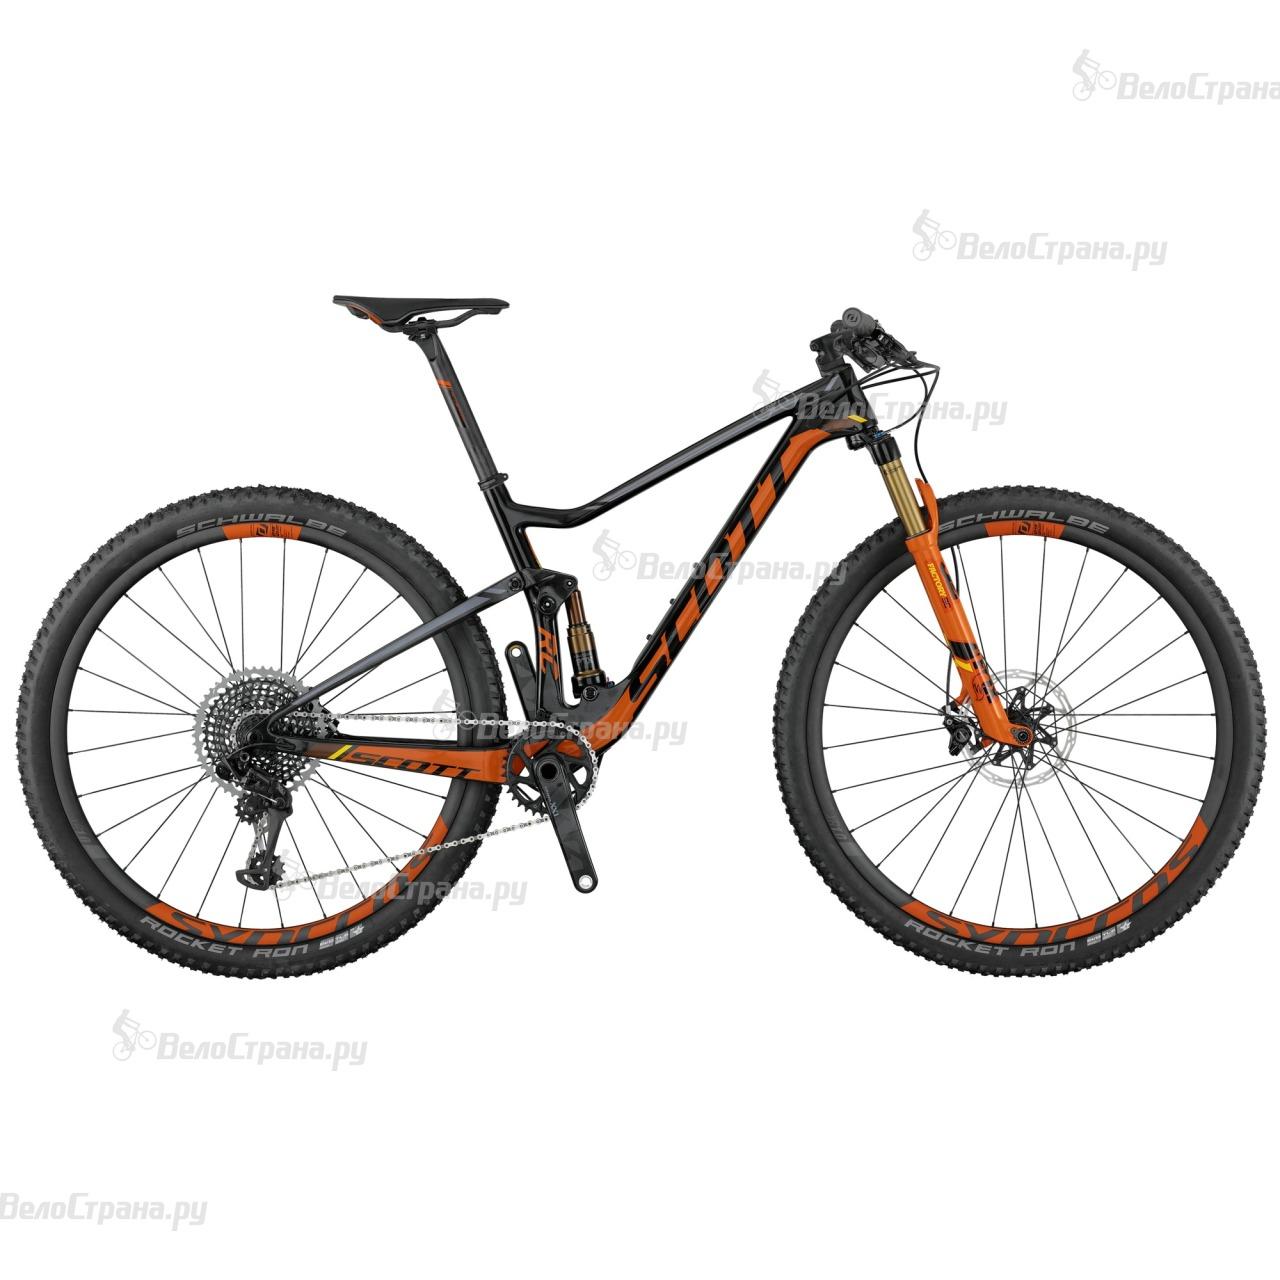 Велосипед Scott Spark RC 700 SL (2017) велосипед scott spark 700 rc 2015